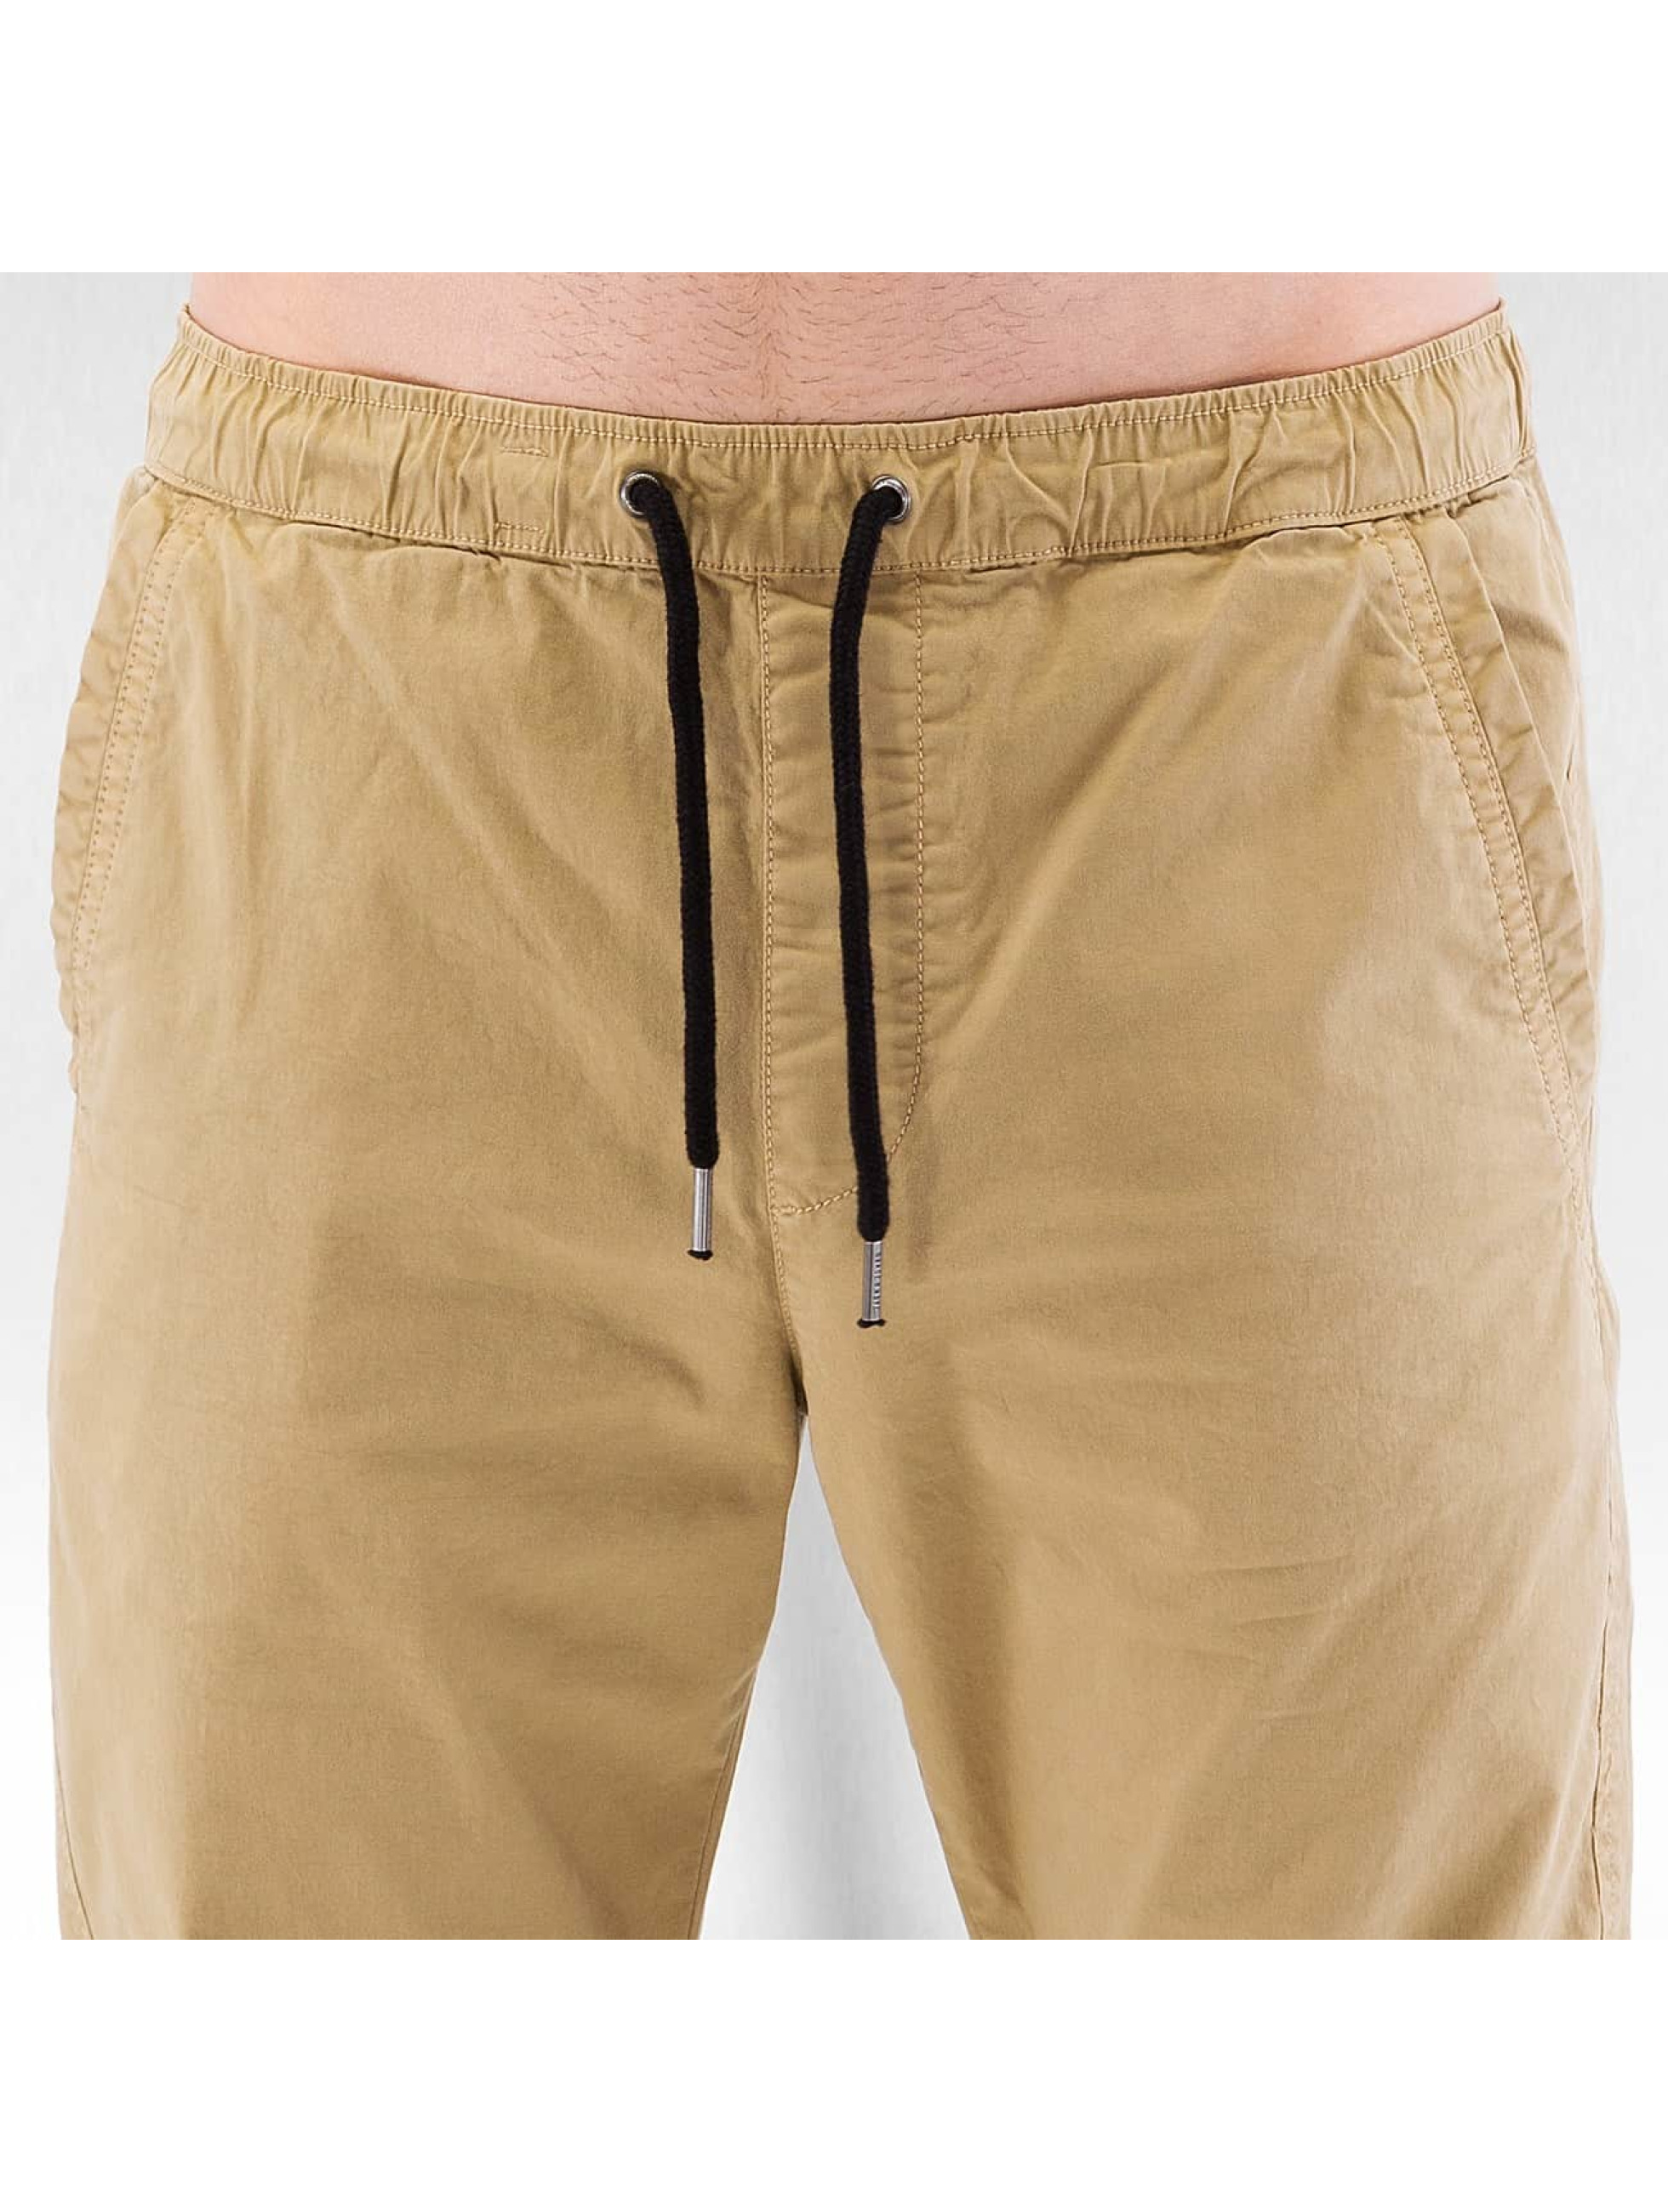 Jack & Jones Spodnie wizytowe jjiVega jjLane bezowy